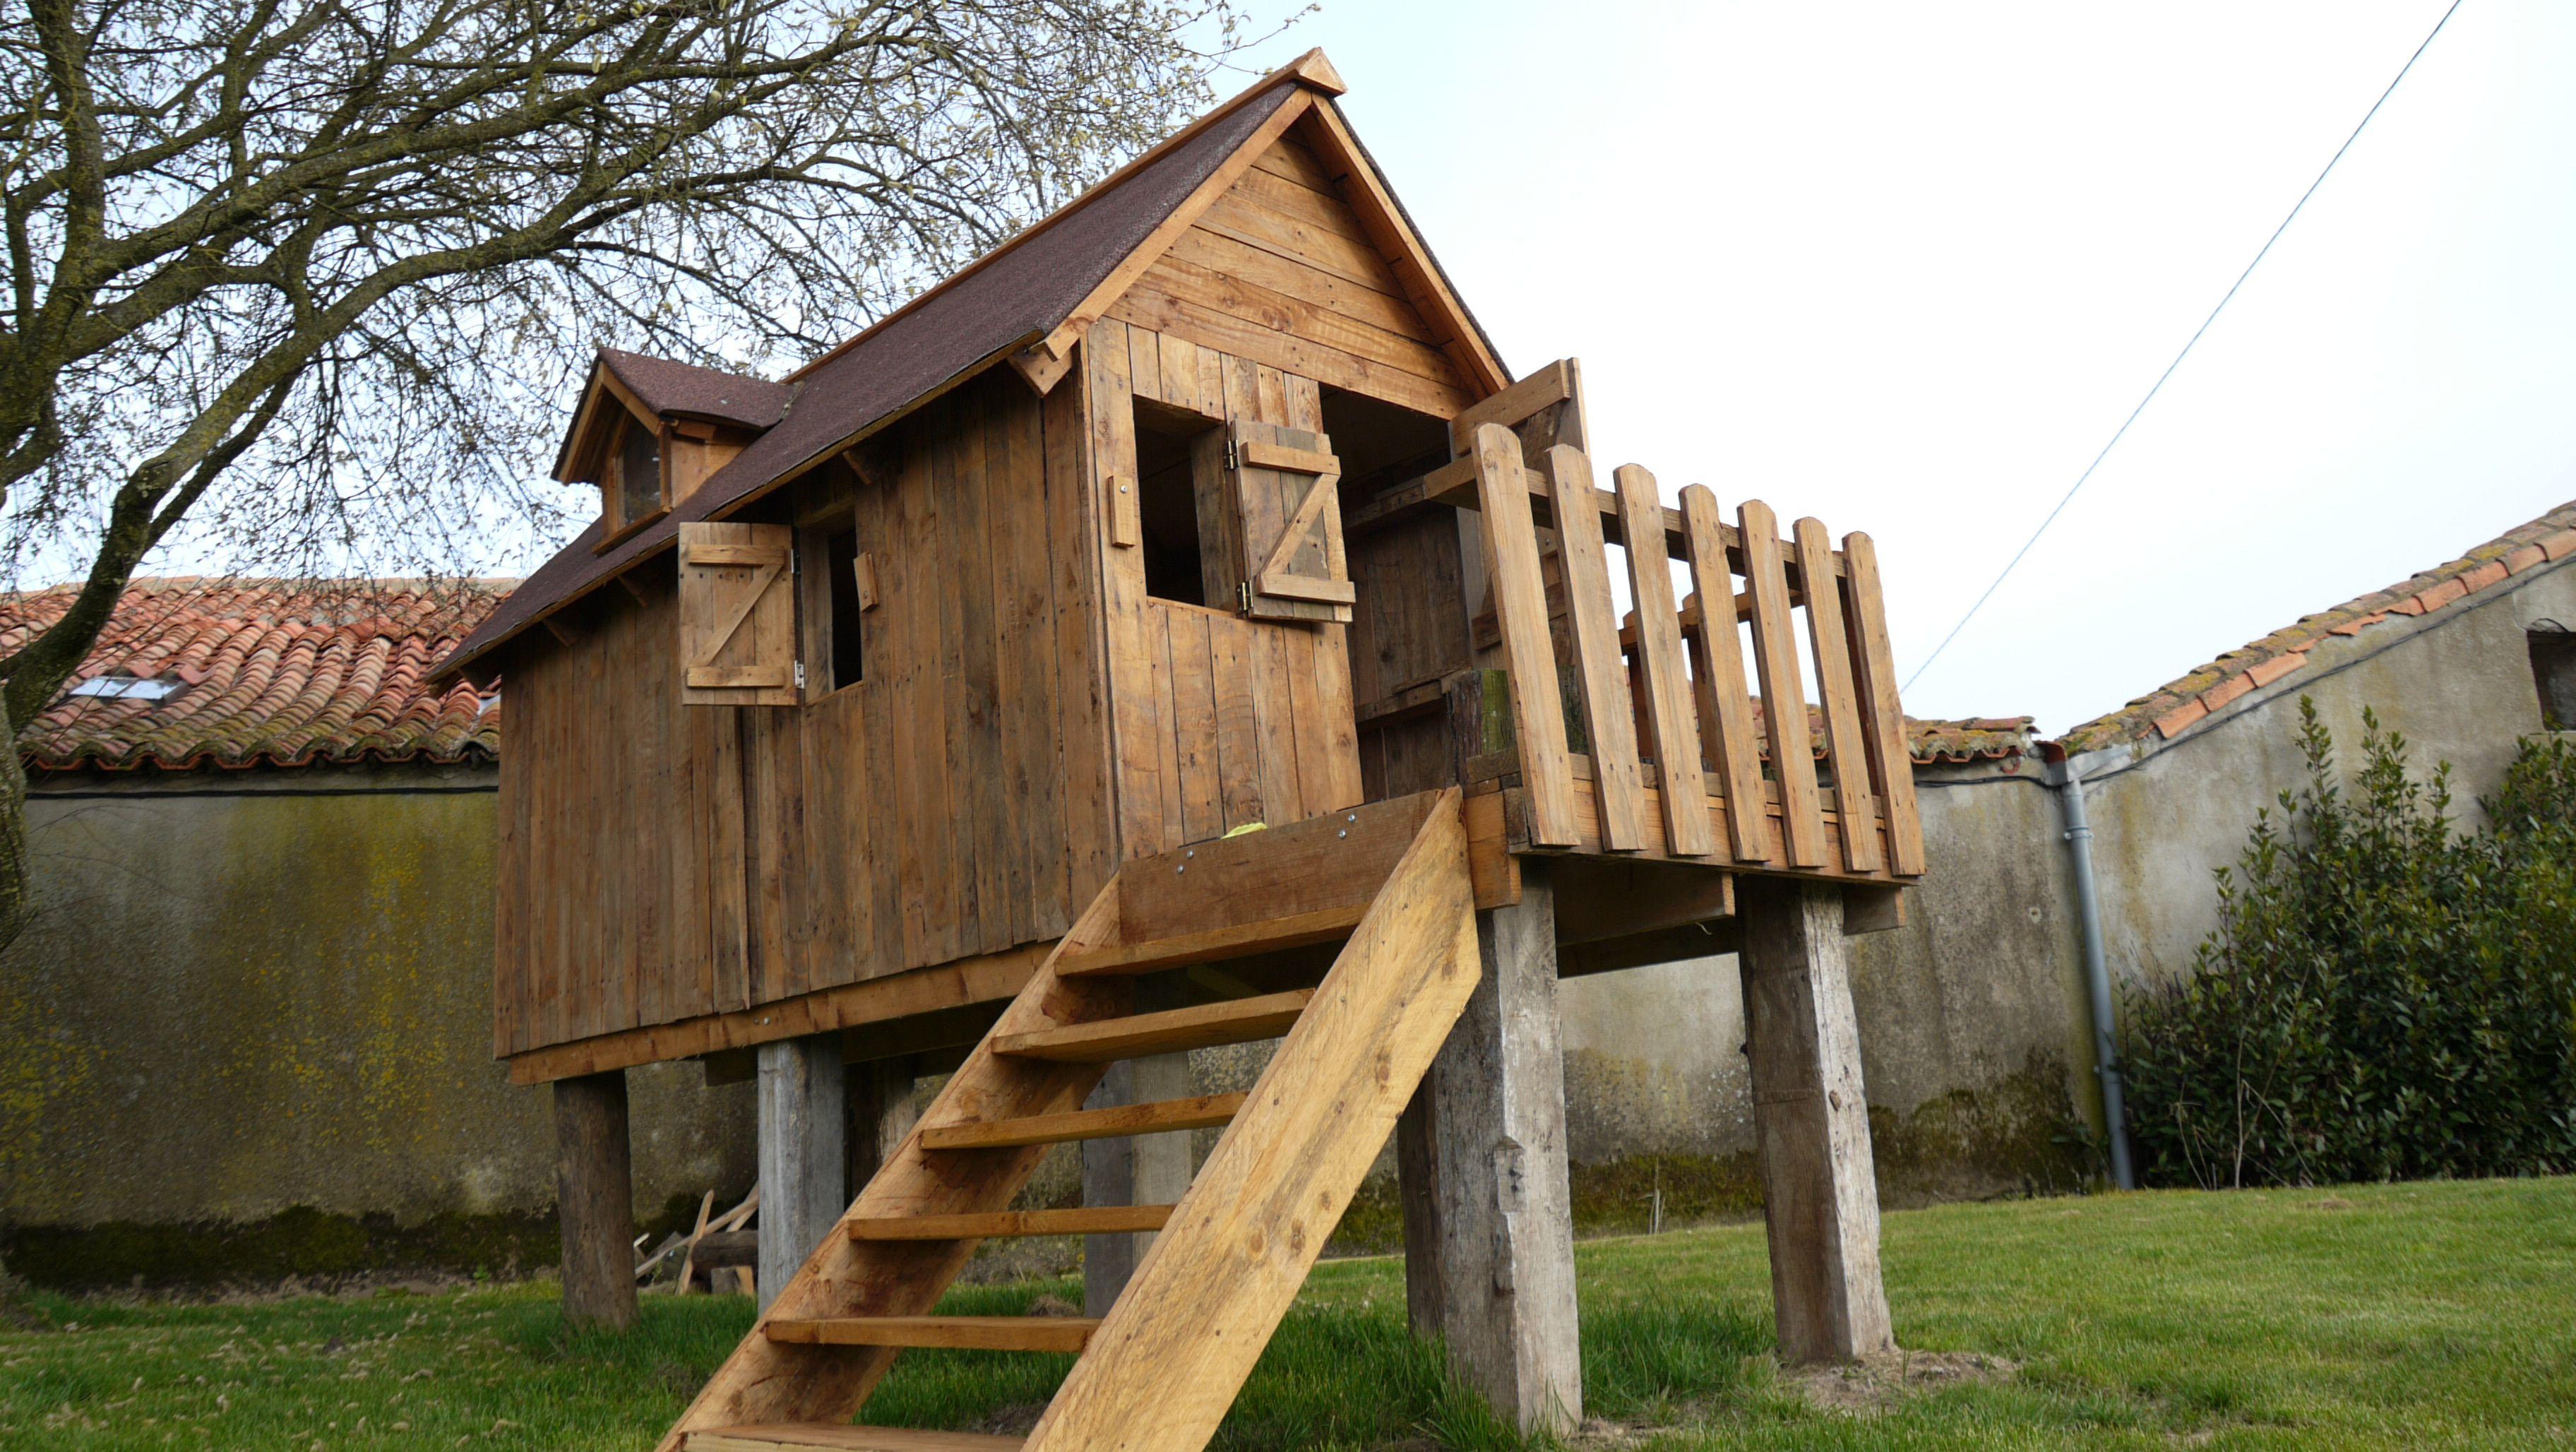 realisation d 39 une cabane en bois de palette pour cabane pinterest cabanes en bois. Black Bedroom Furniture Sets. Home Design Ideas